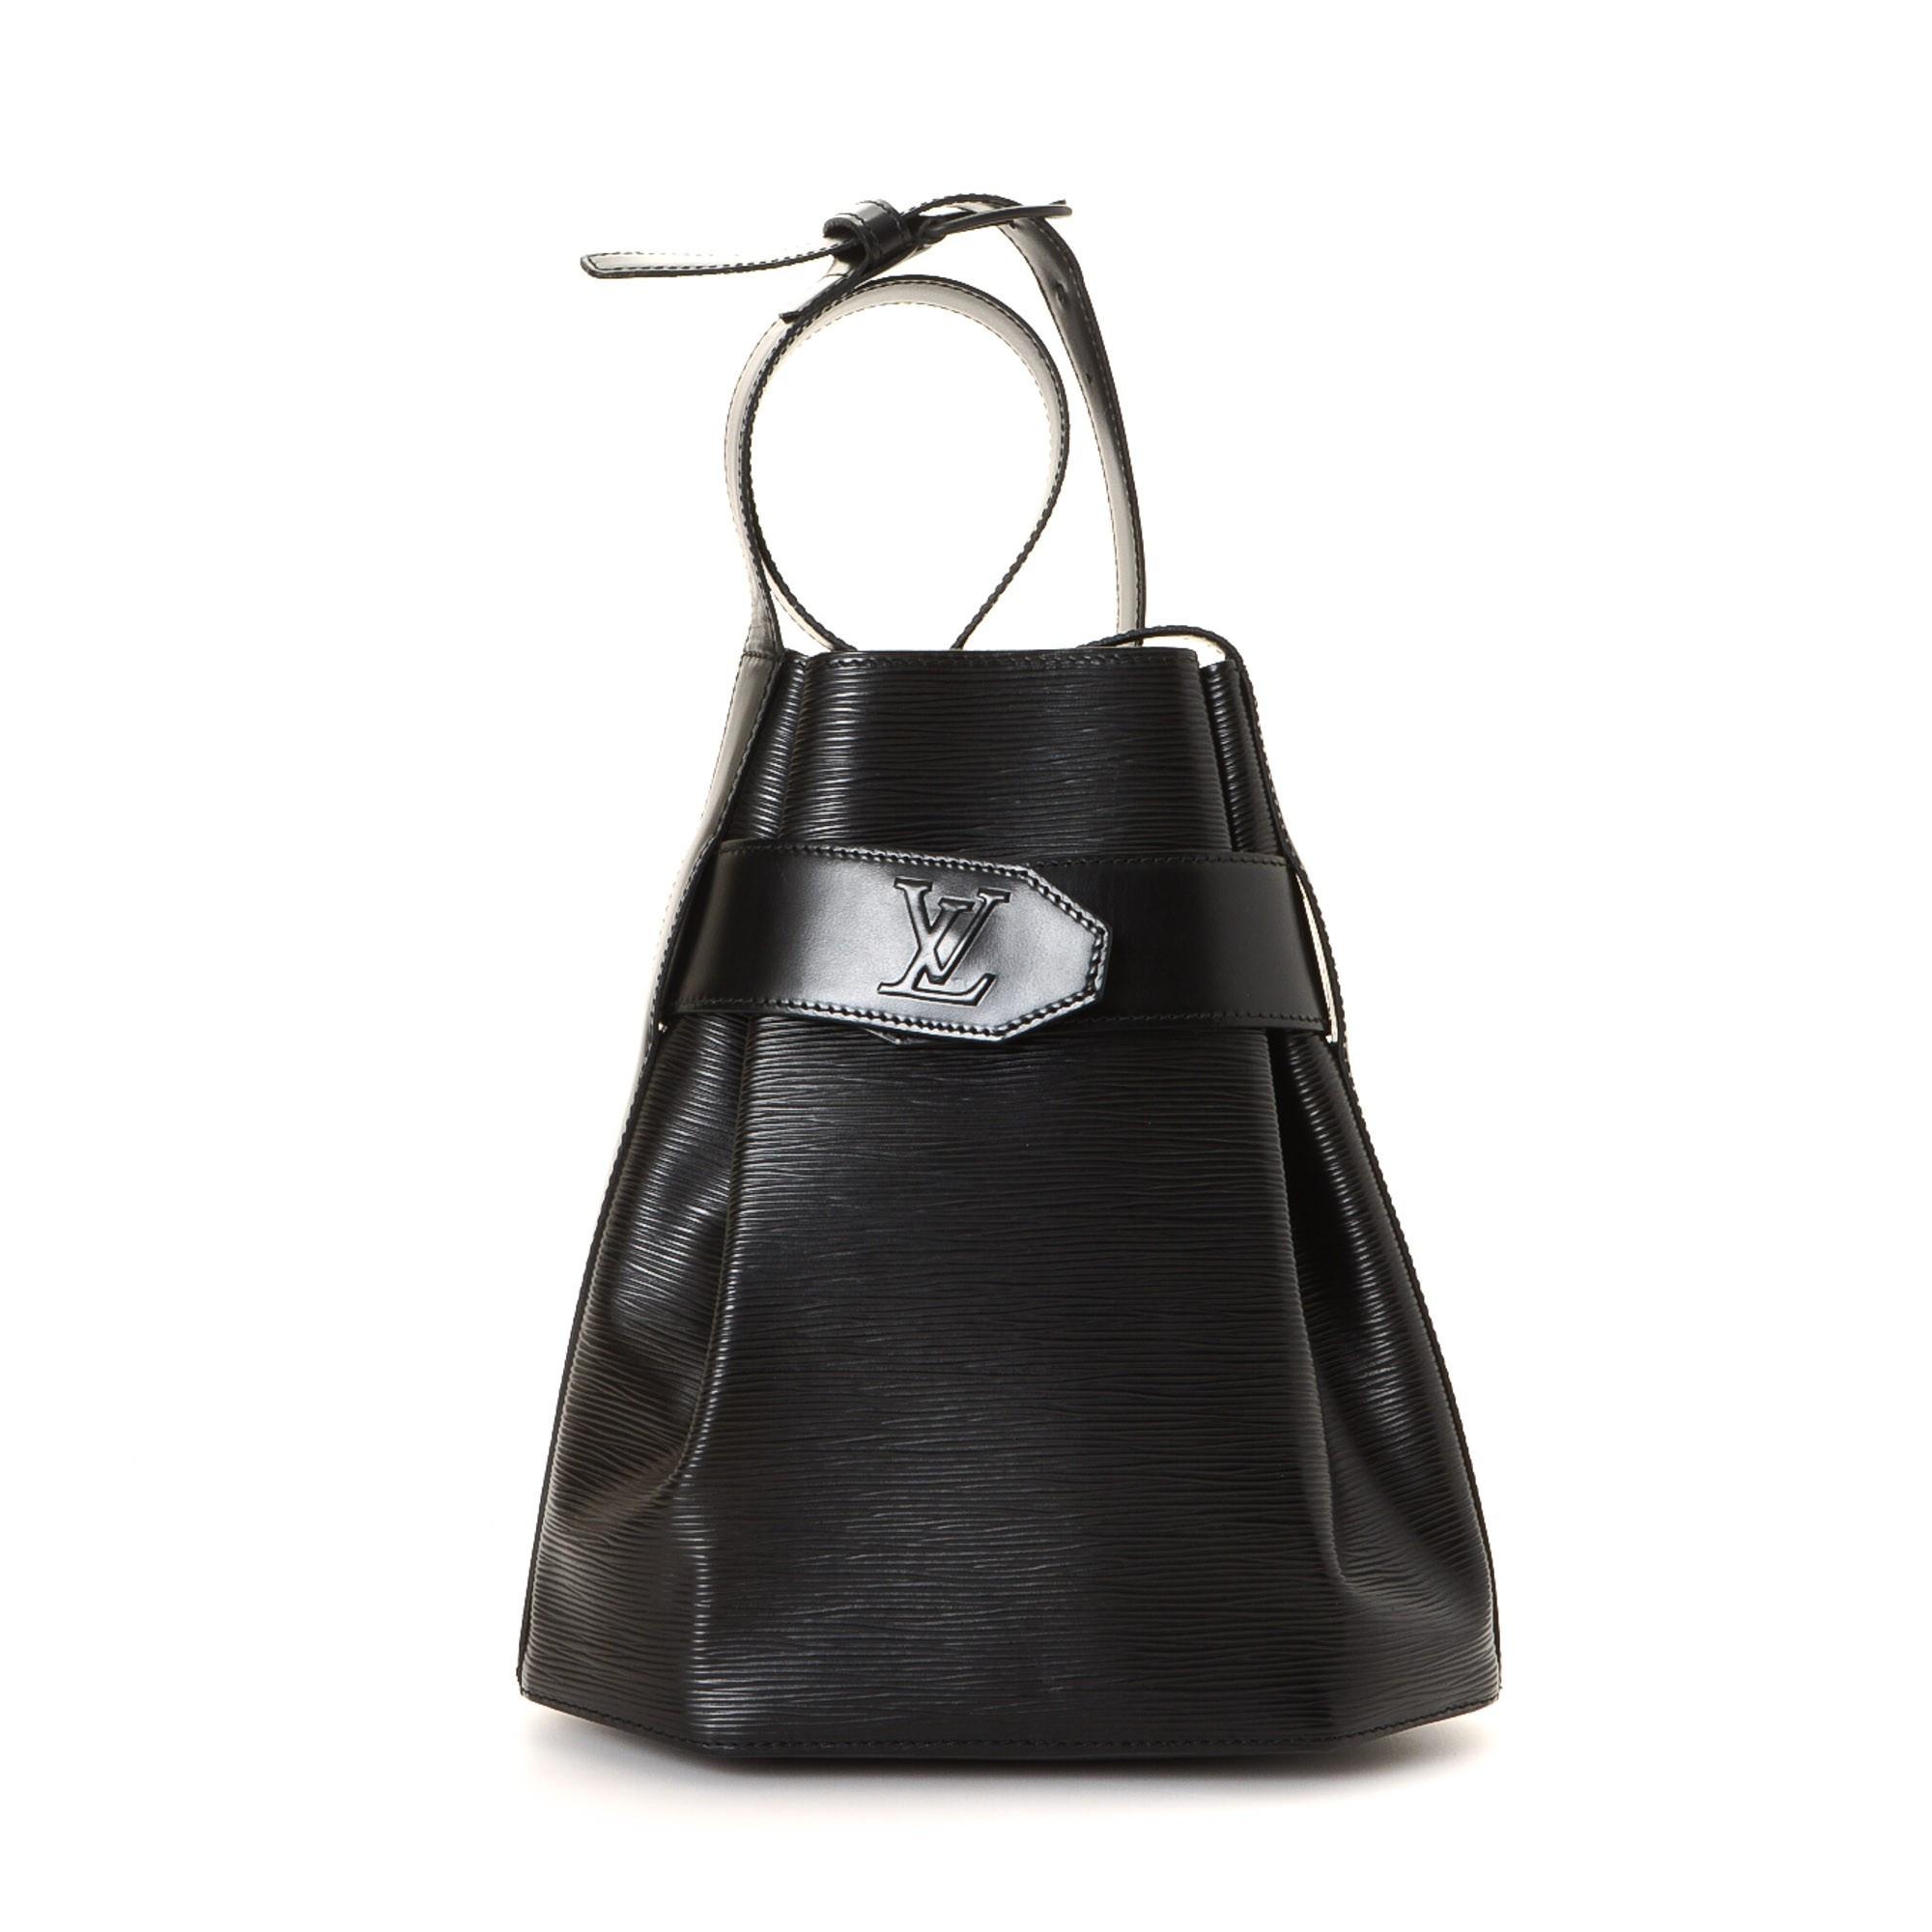 Louis Vuitton Sac D'epaule PM Epi Black Leather Shoulder Bag LXRCO